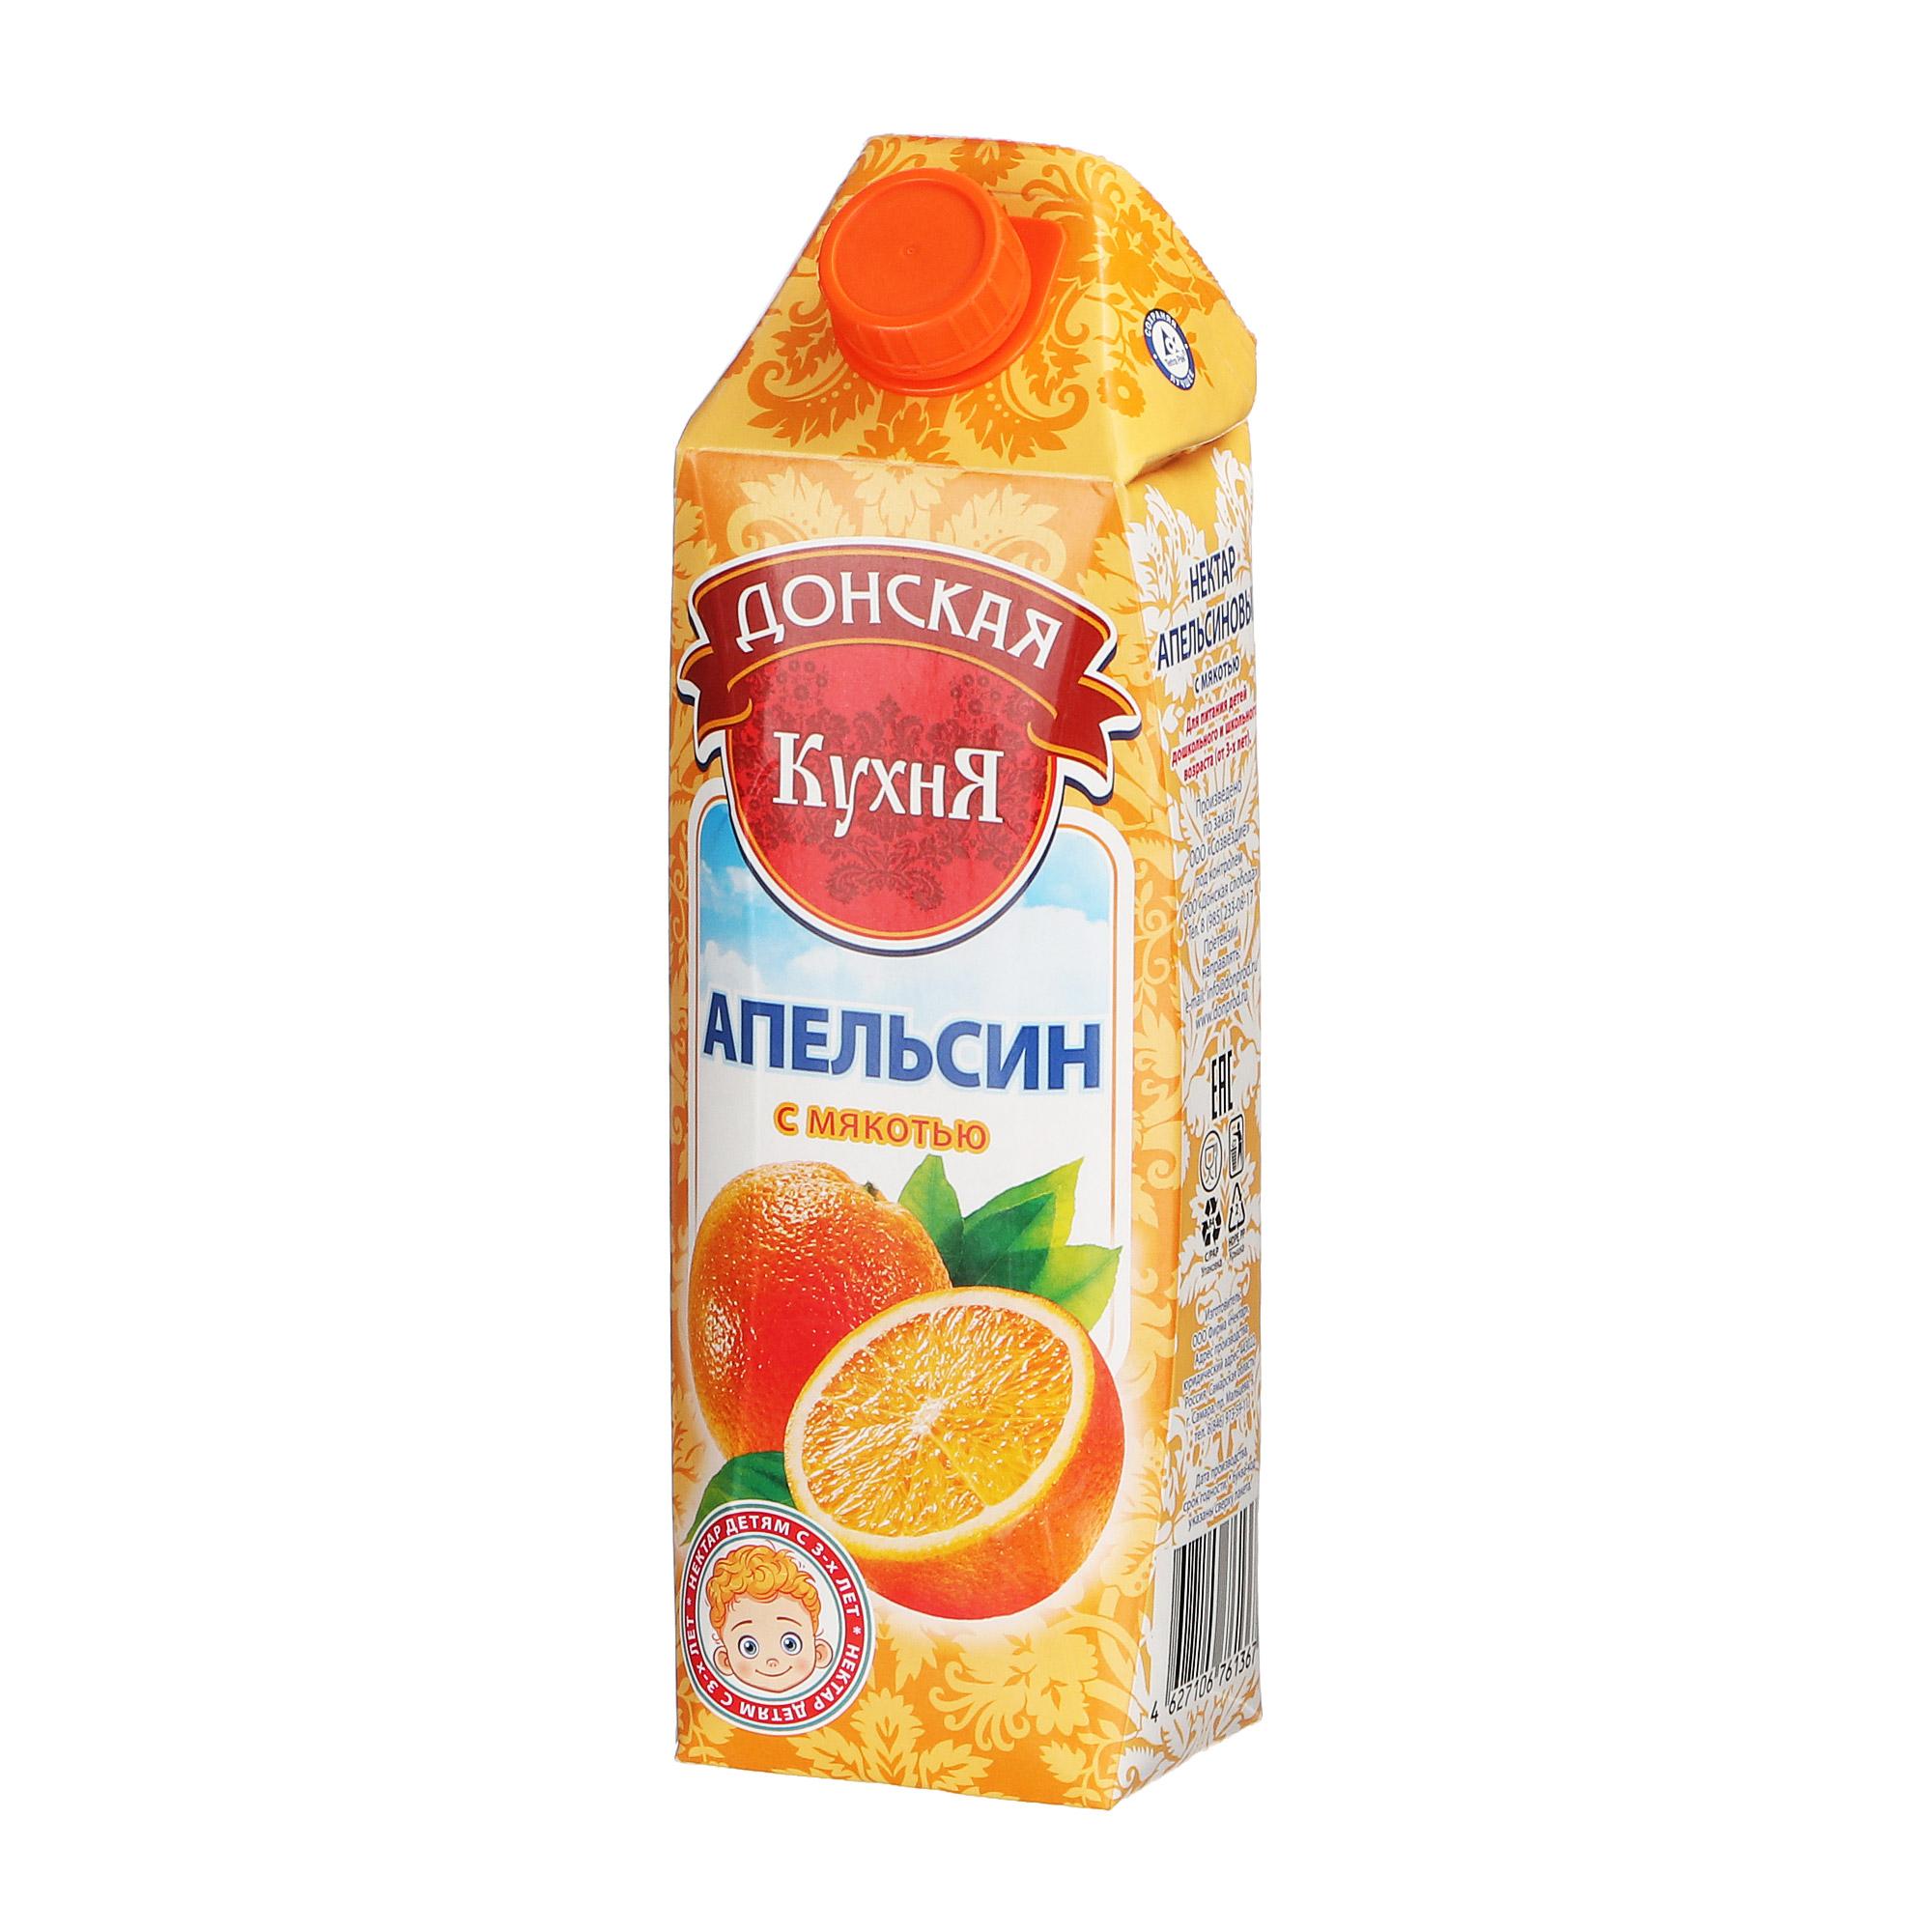 Нектар апельсиновый Донская кухня 1 л недорого